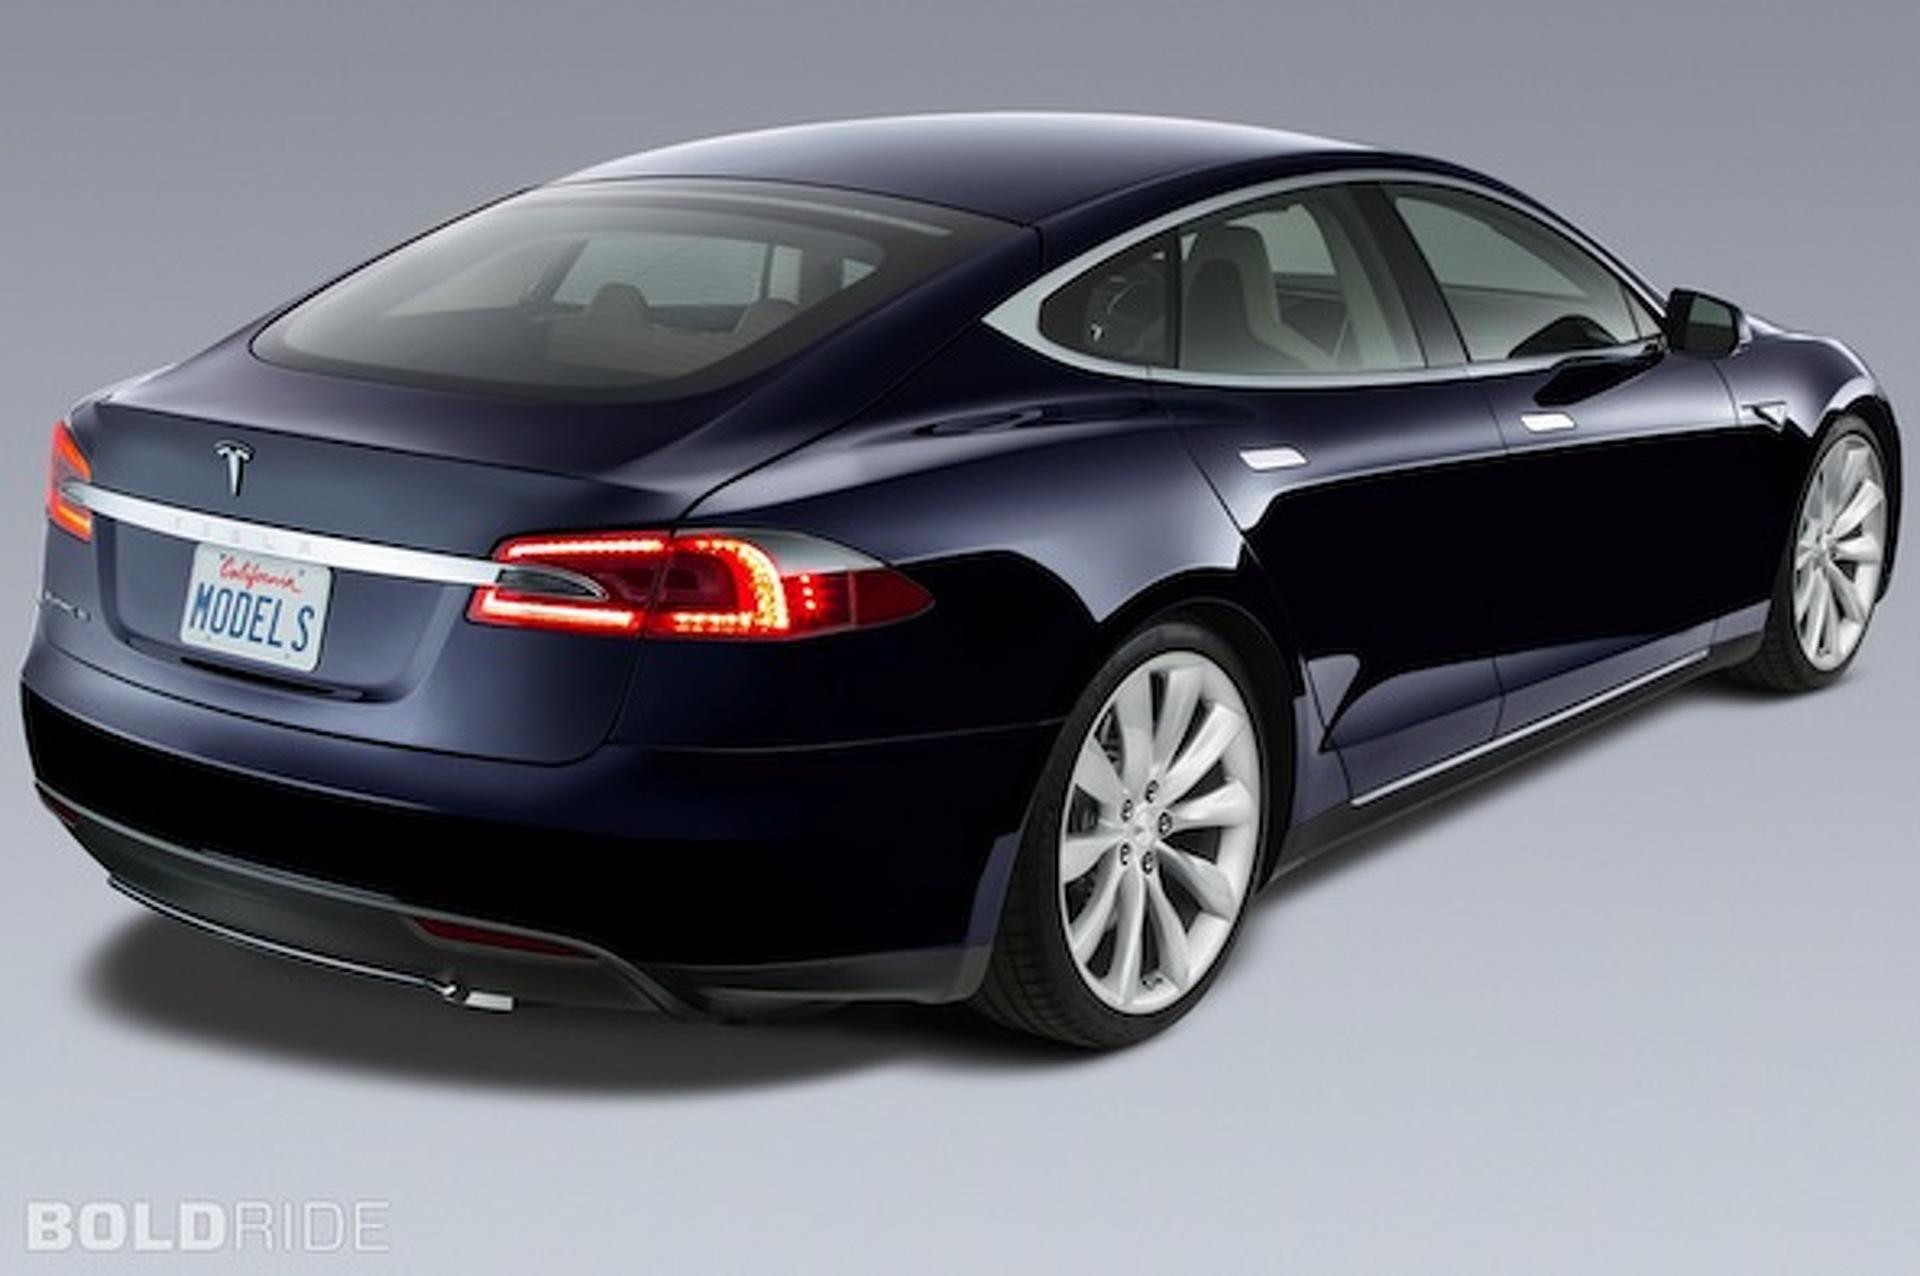 Tesla Promises Autonomous Vehicle by 2016